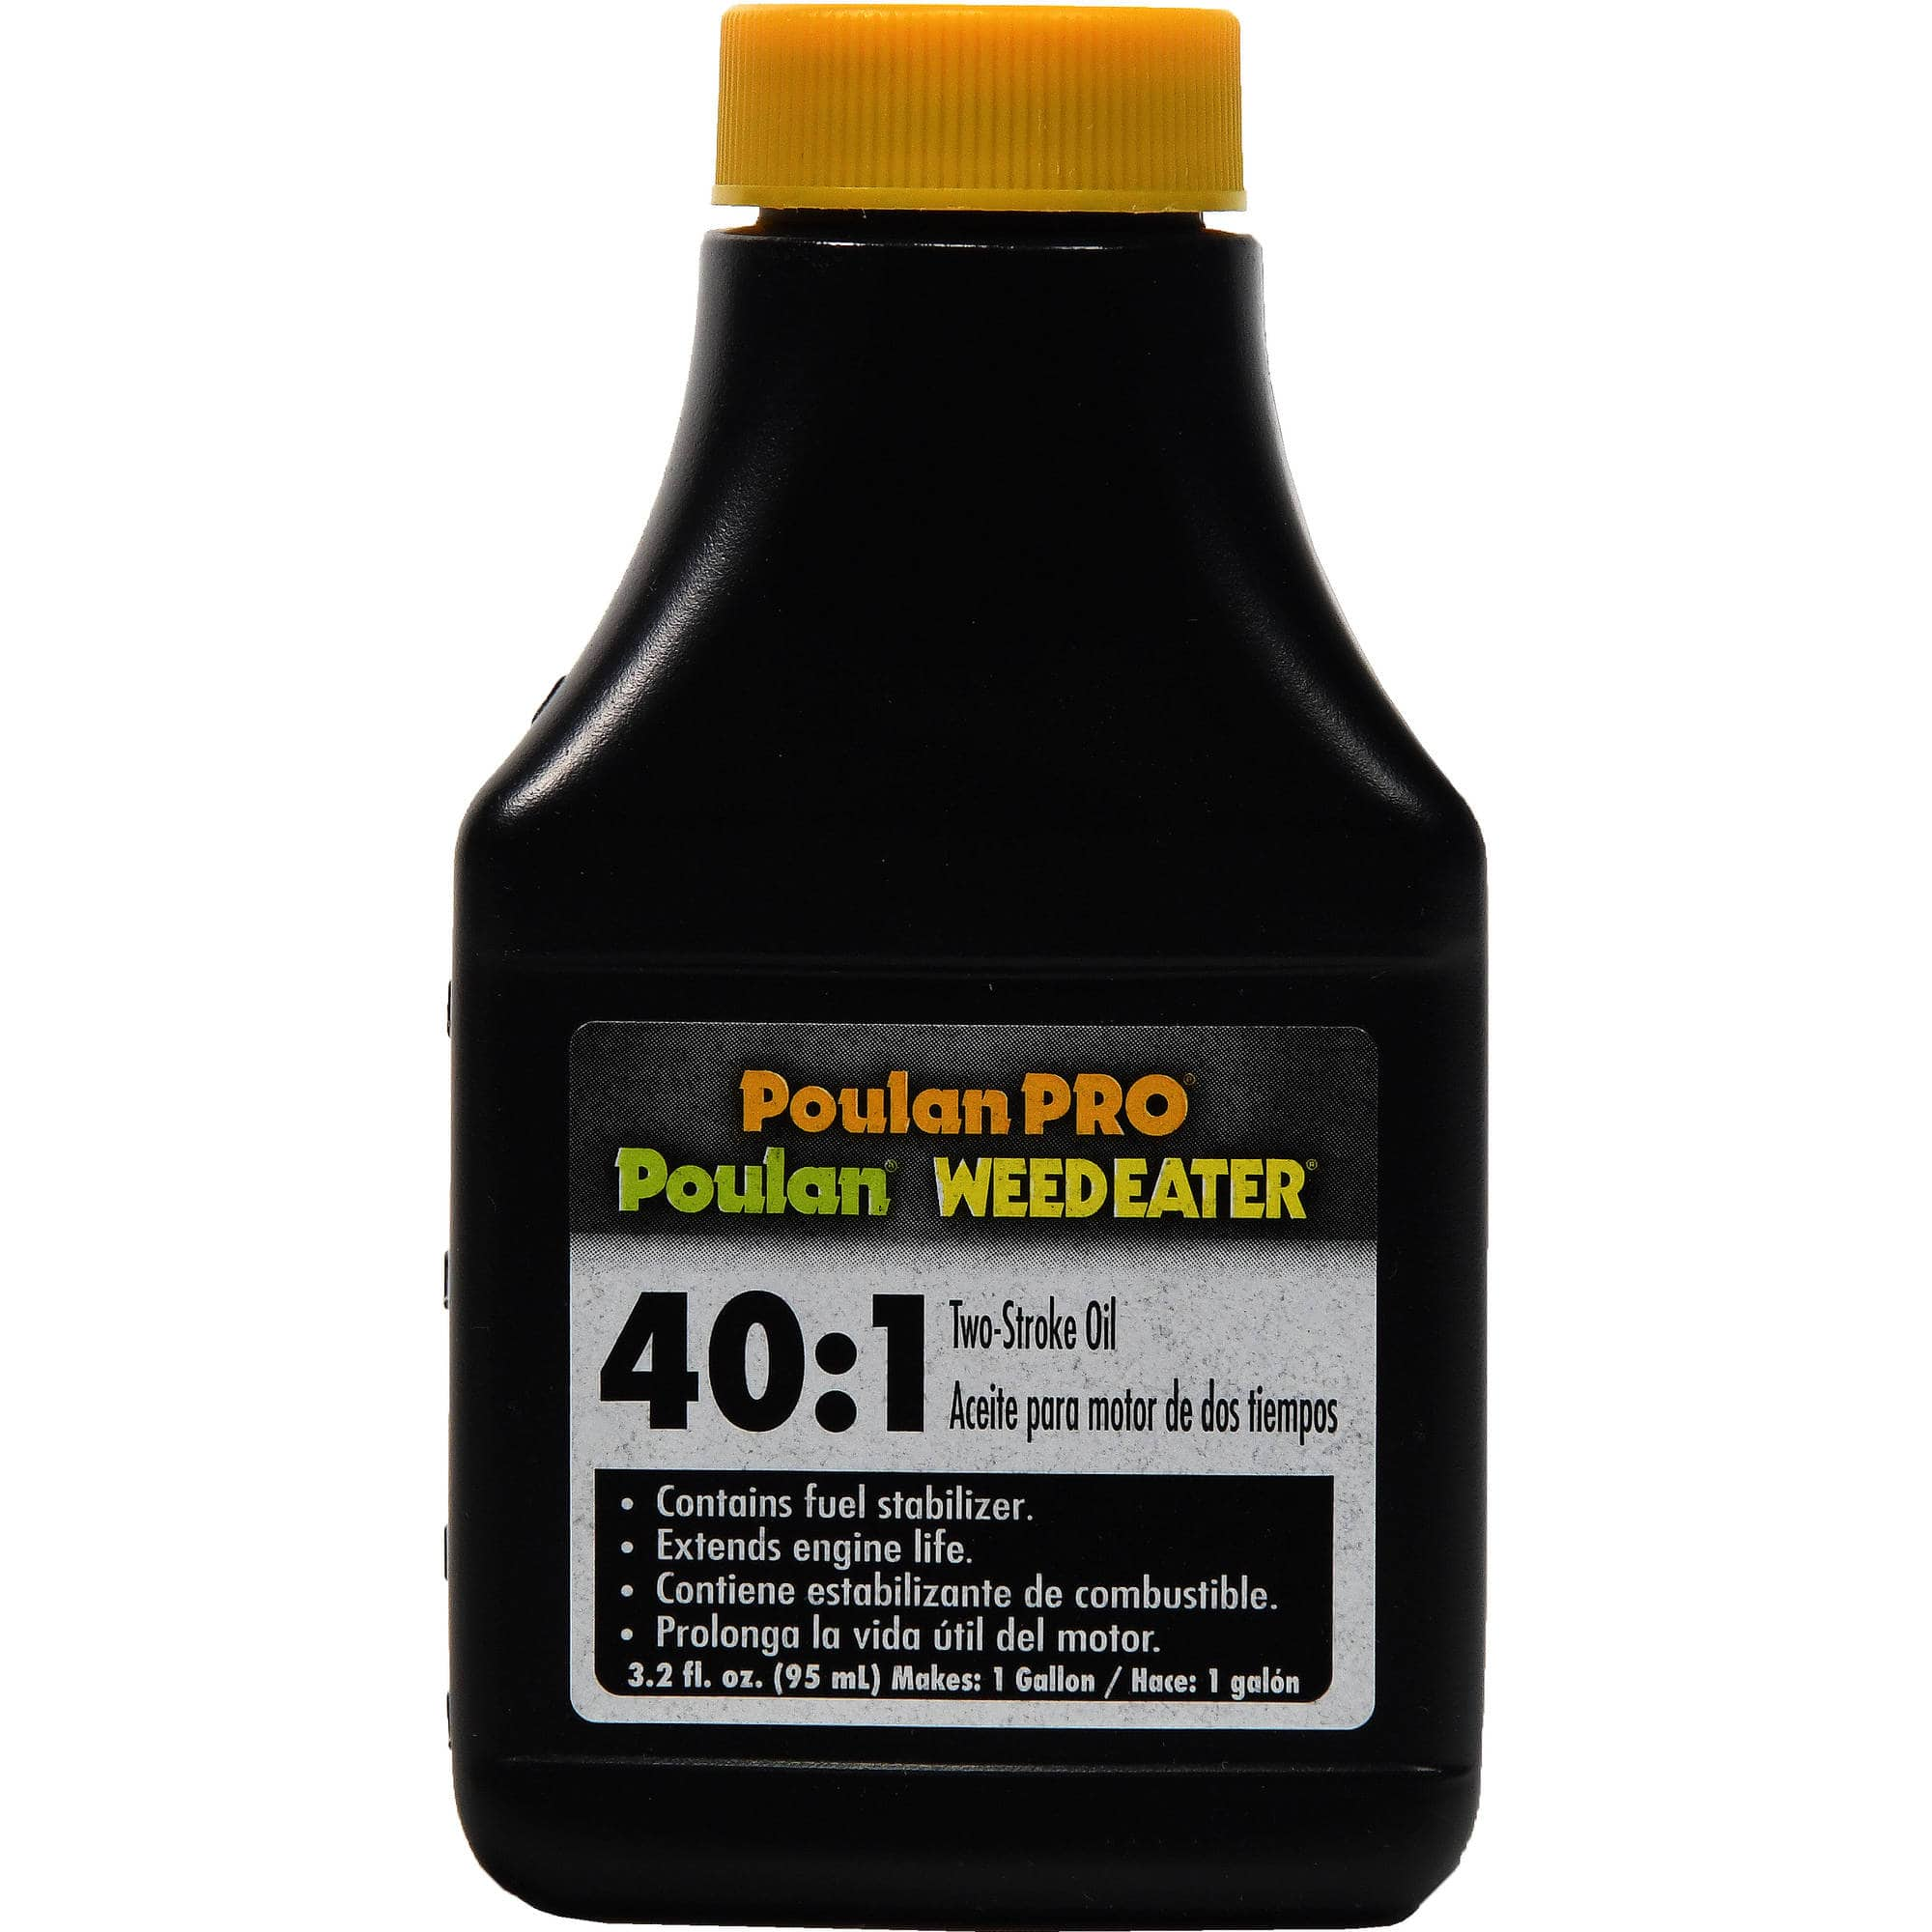 Poulan Pro/Poulan/Weed Eater 2-Stroke Easy Mix Engine Oil, 3.2 oz. $0.98